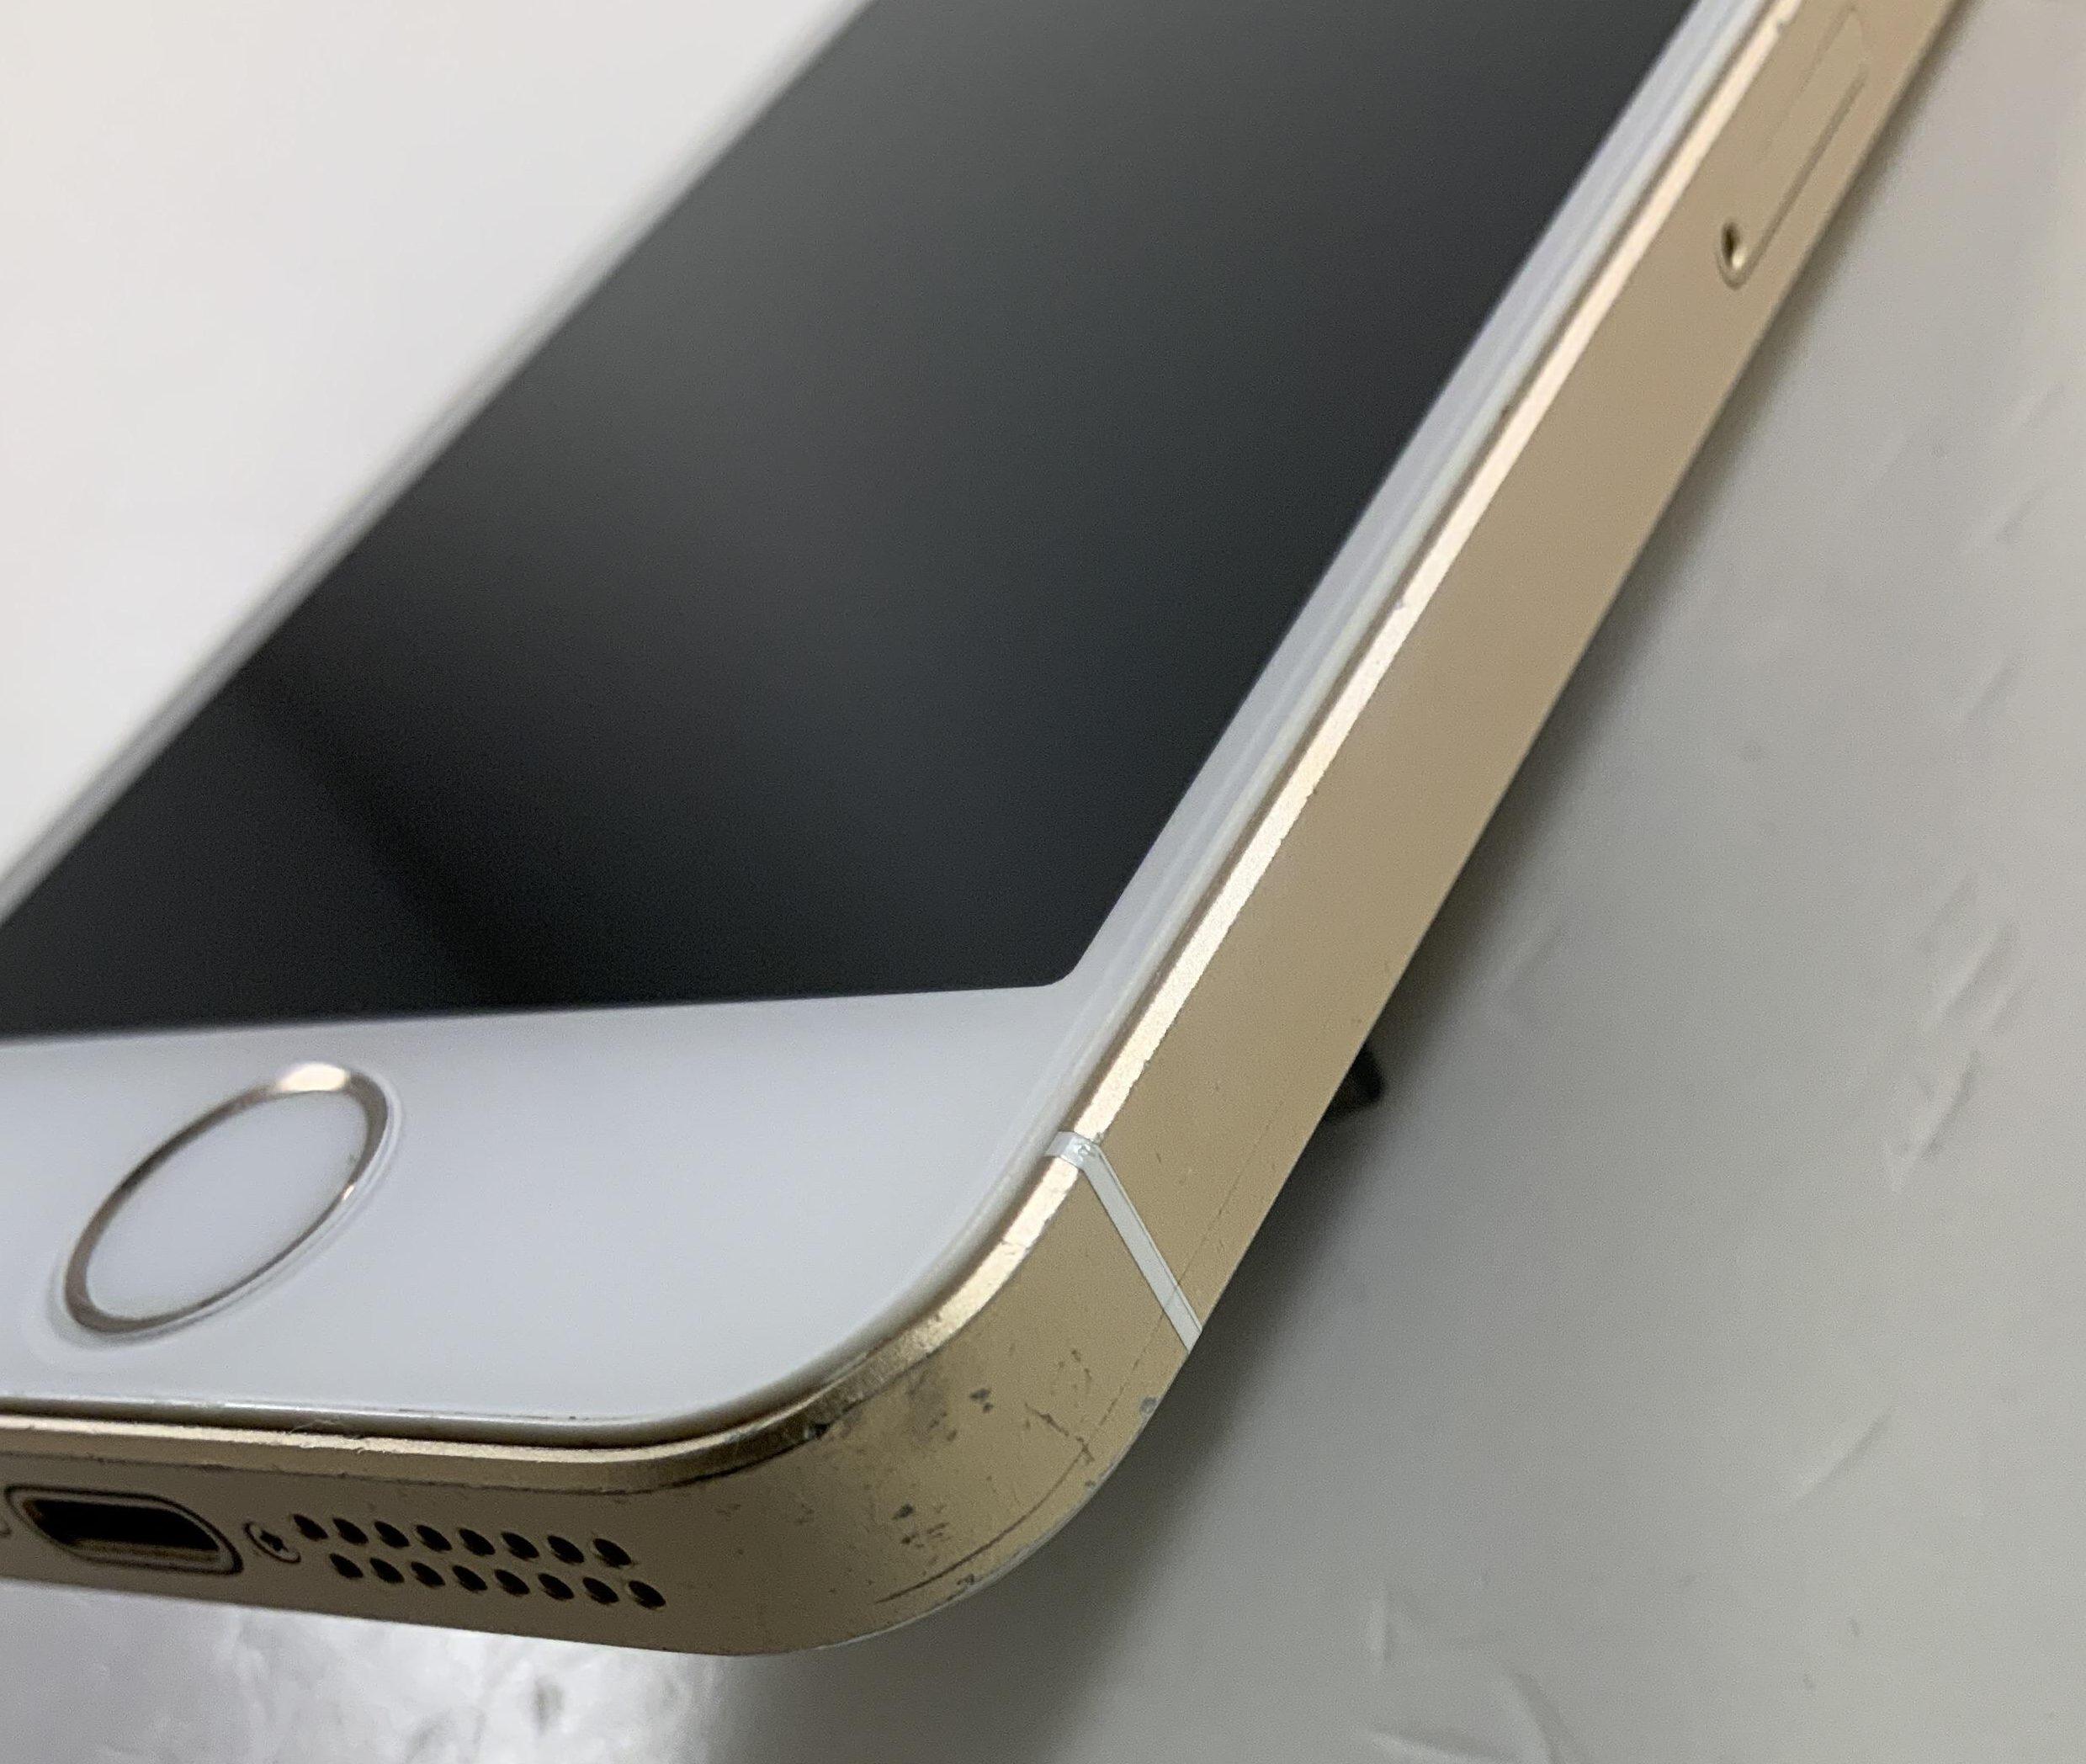 iPhone SE 32GB, 32GB, Gold, Bild 4